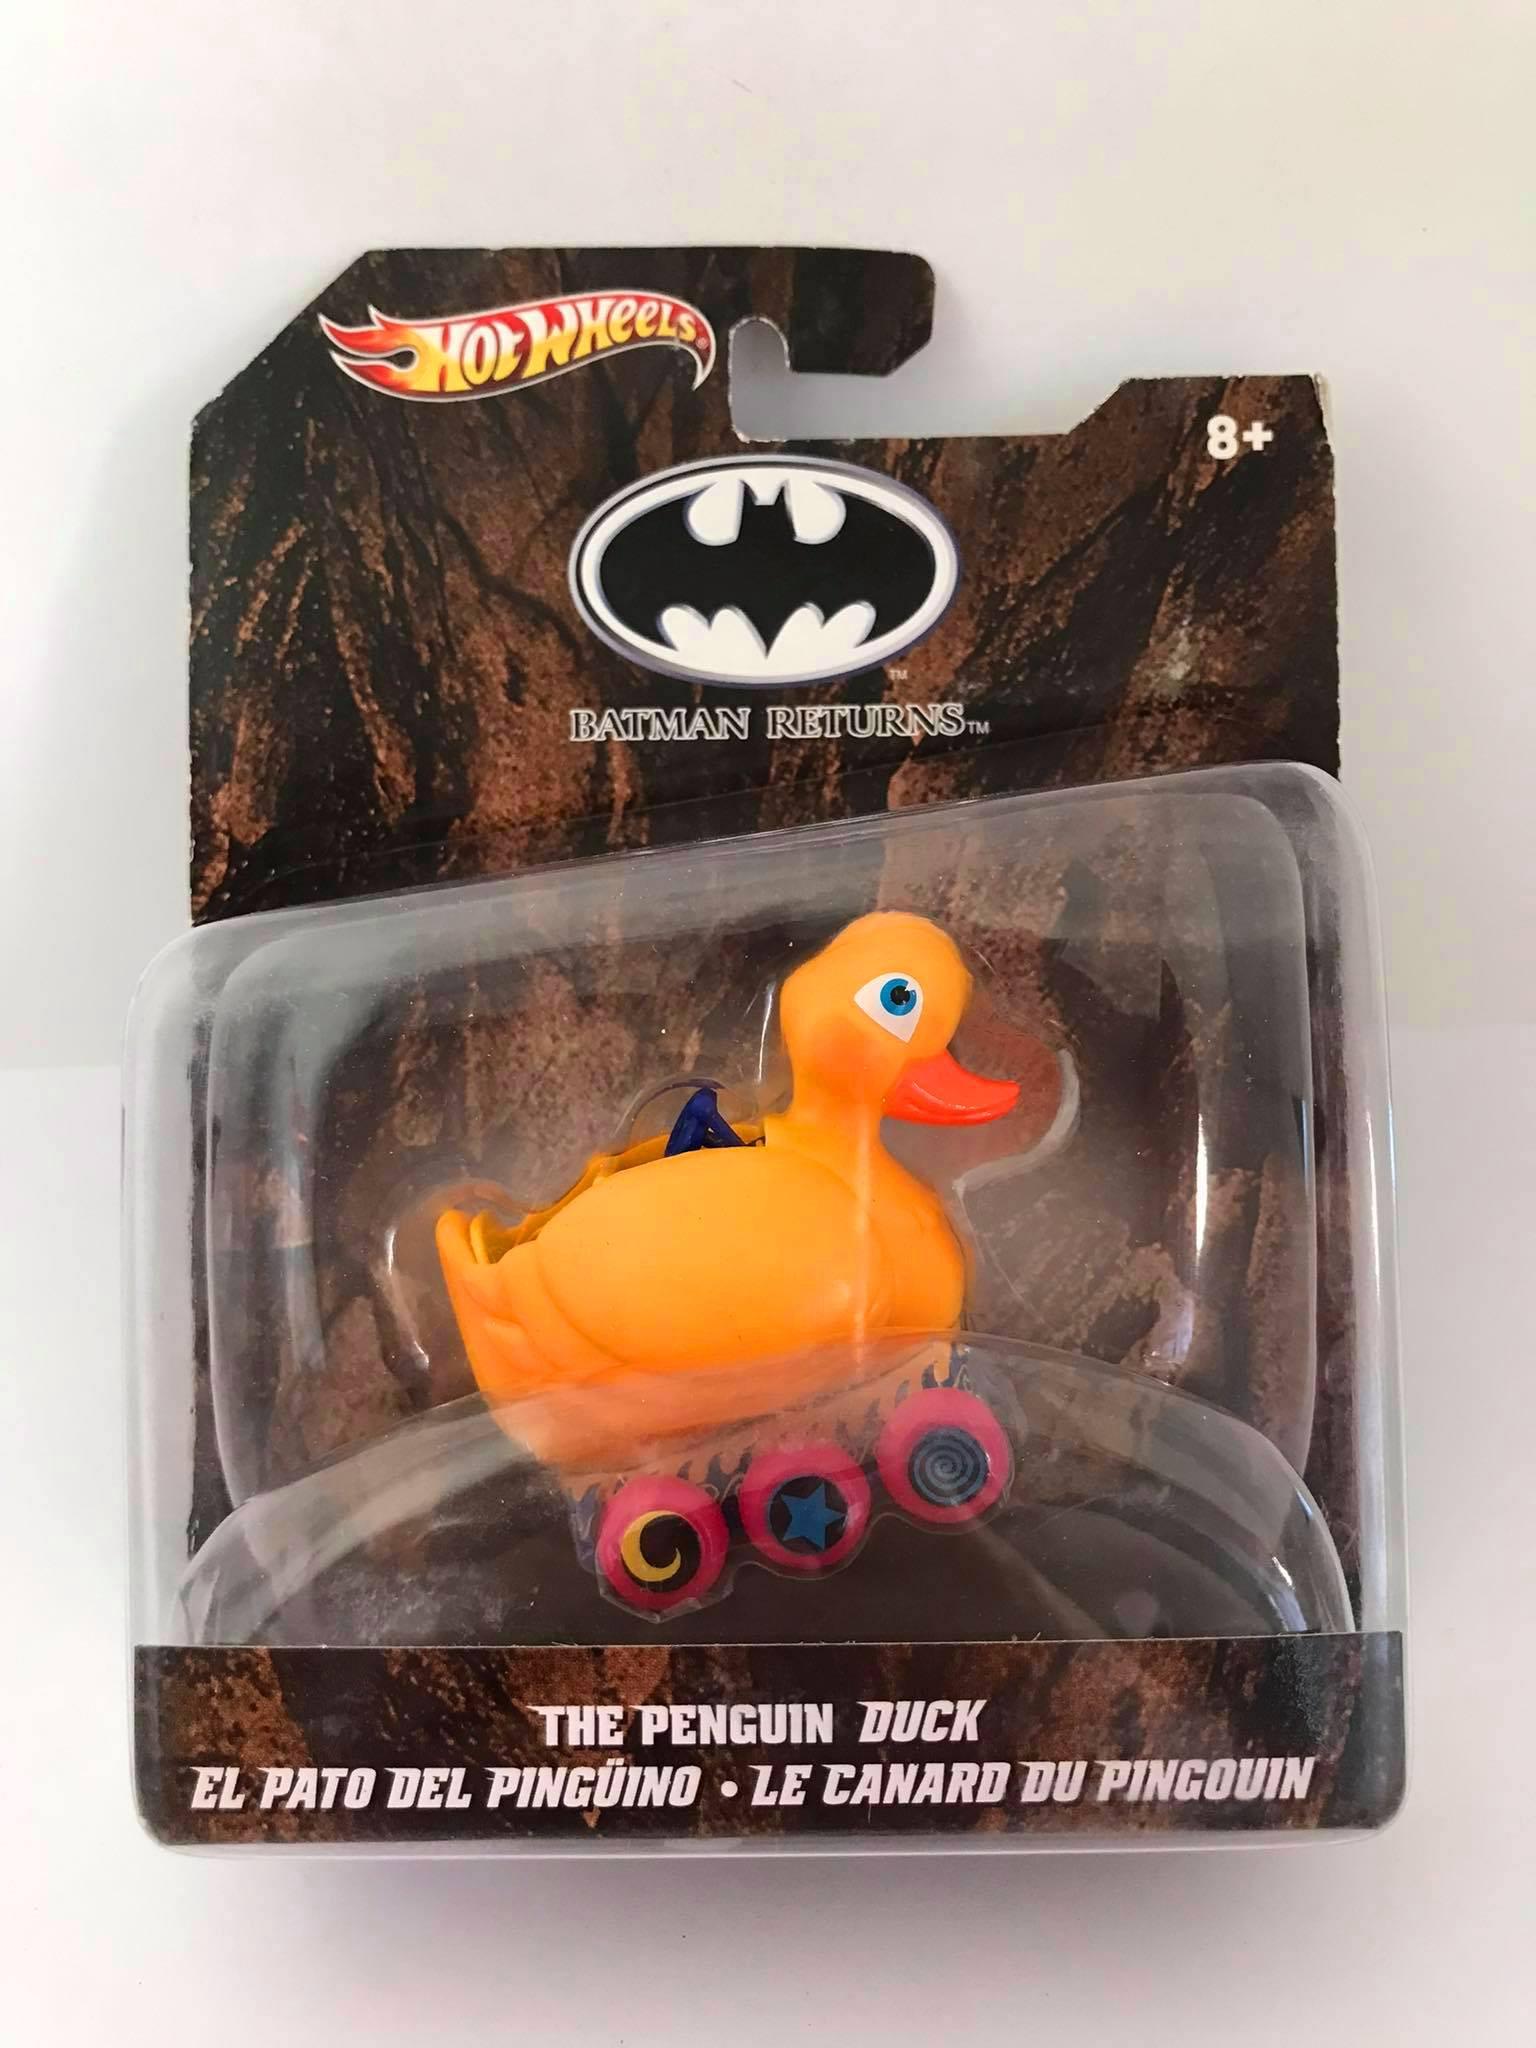 Hot Wheels - The Penguin Duck - Batman Returns Escala 1:50